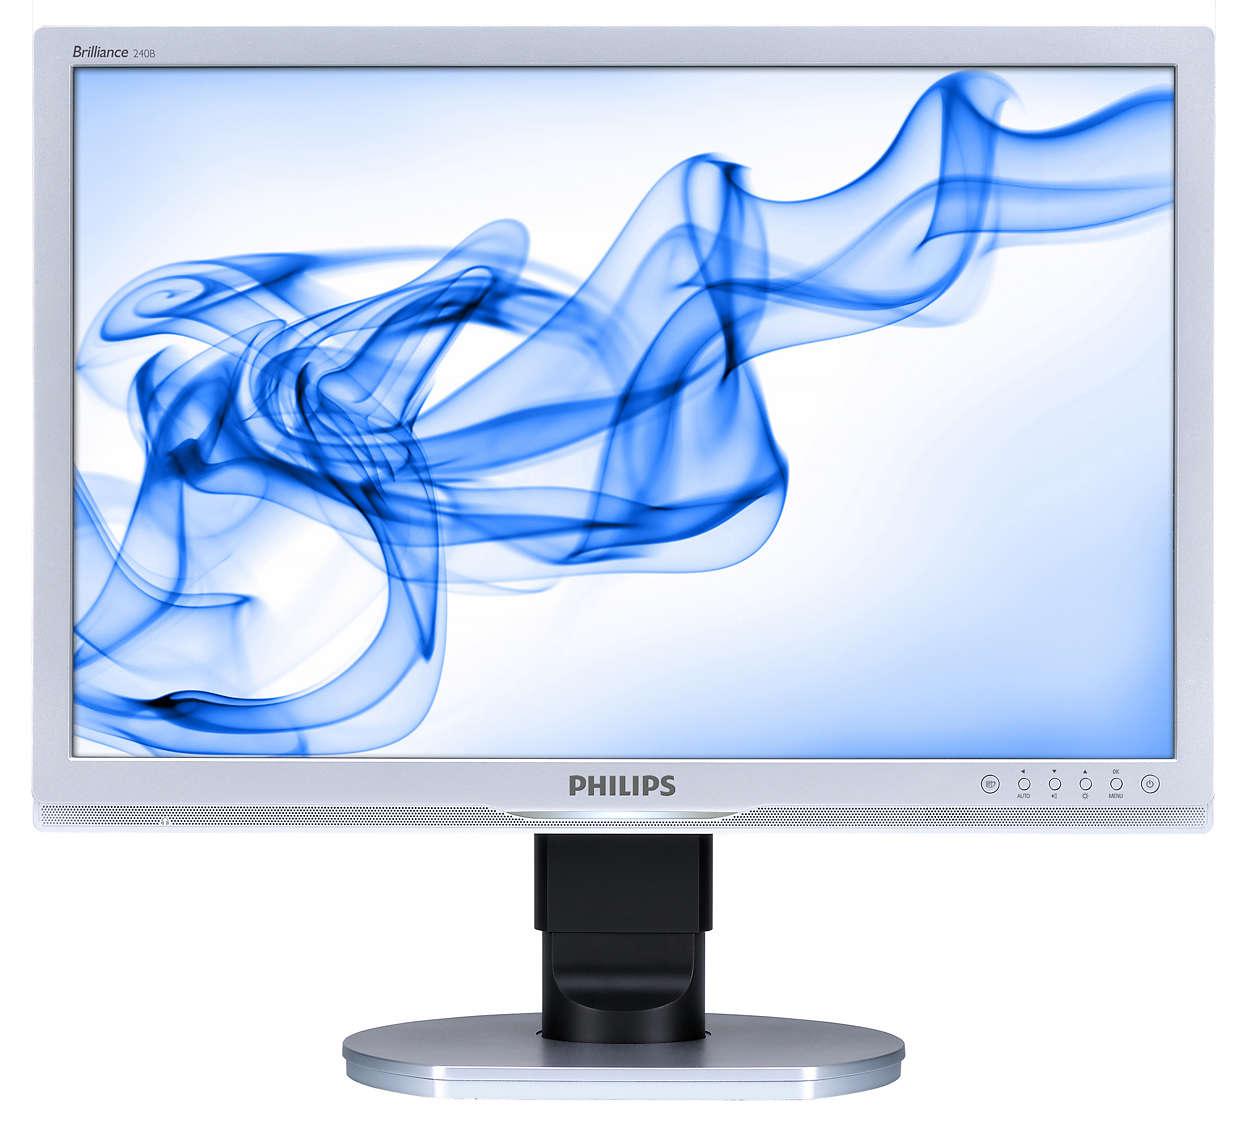 Stor ergonomisk skærm til arbejdsbrug øger produktiviteten